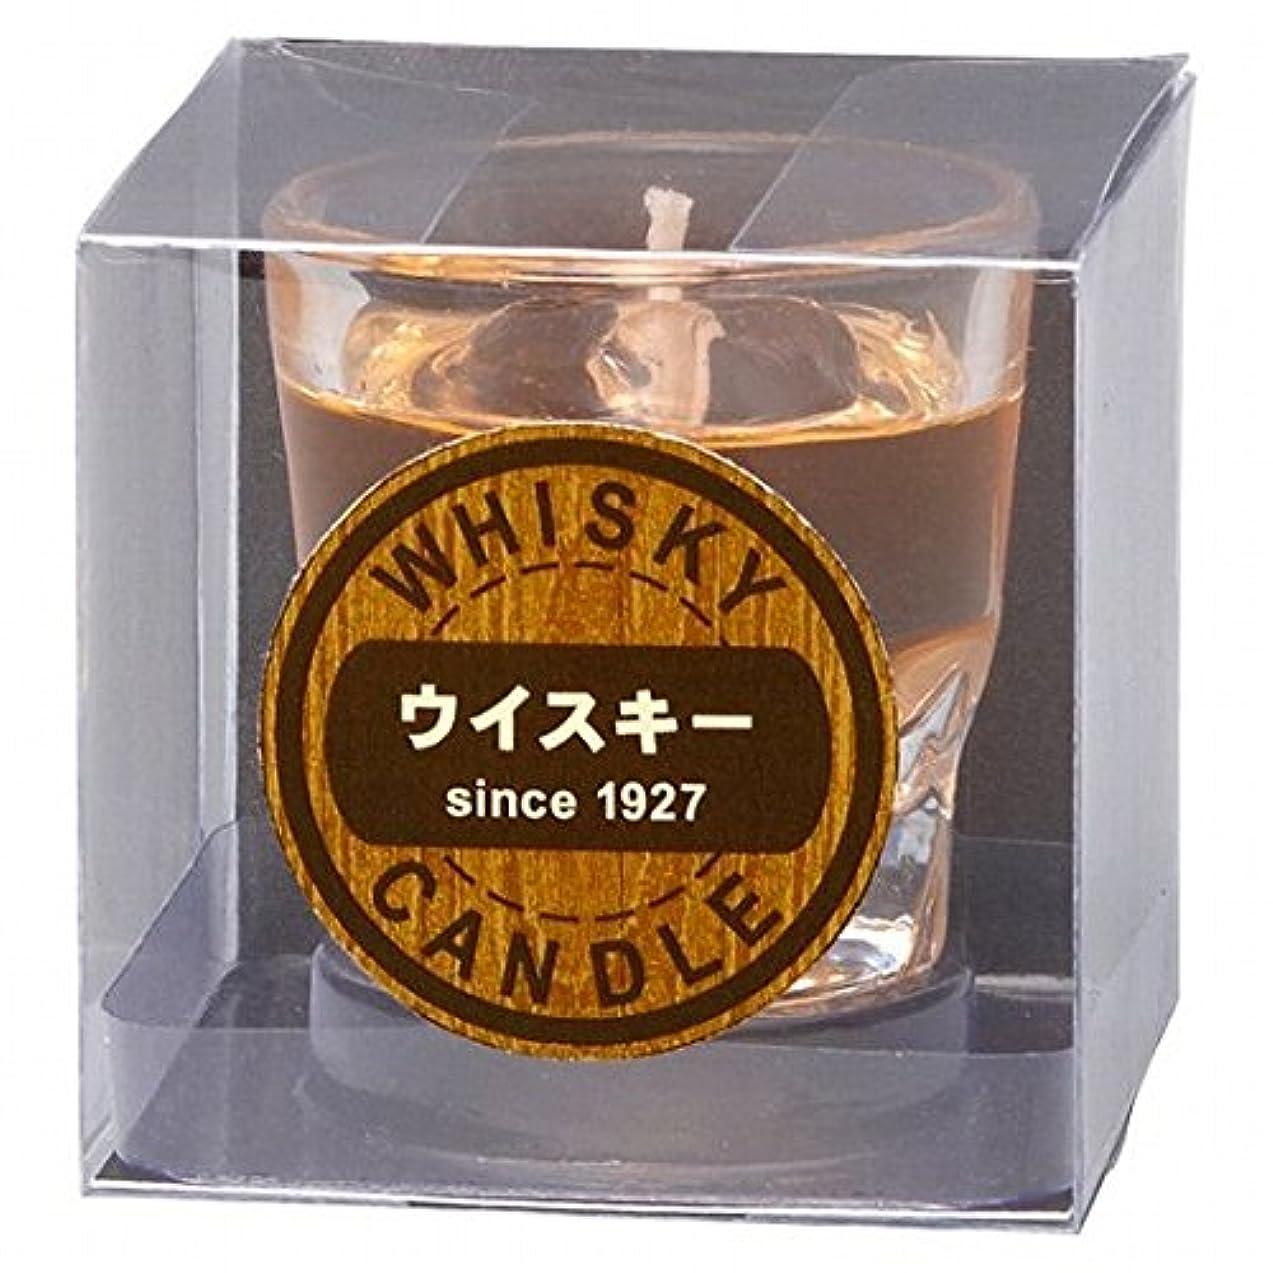 エキサイティング蚊恐れカメヤマキャンドル(kameyama candle) ウイスキーロックキャンドル